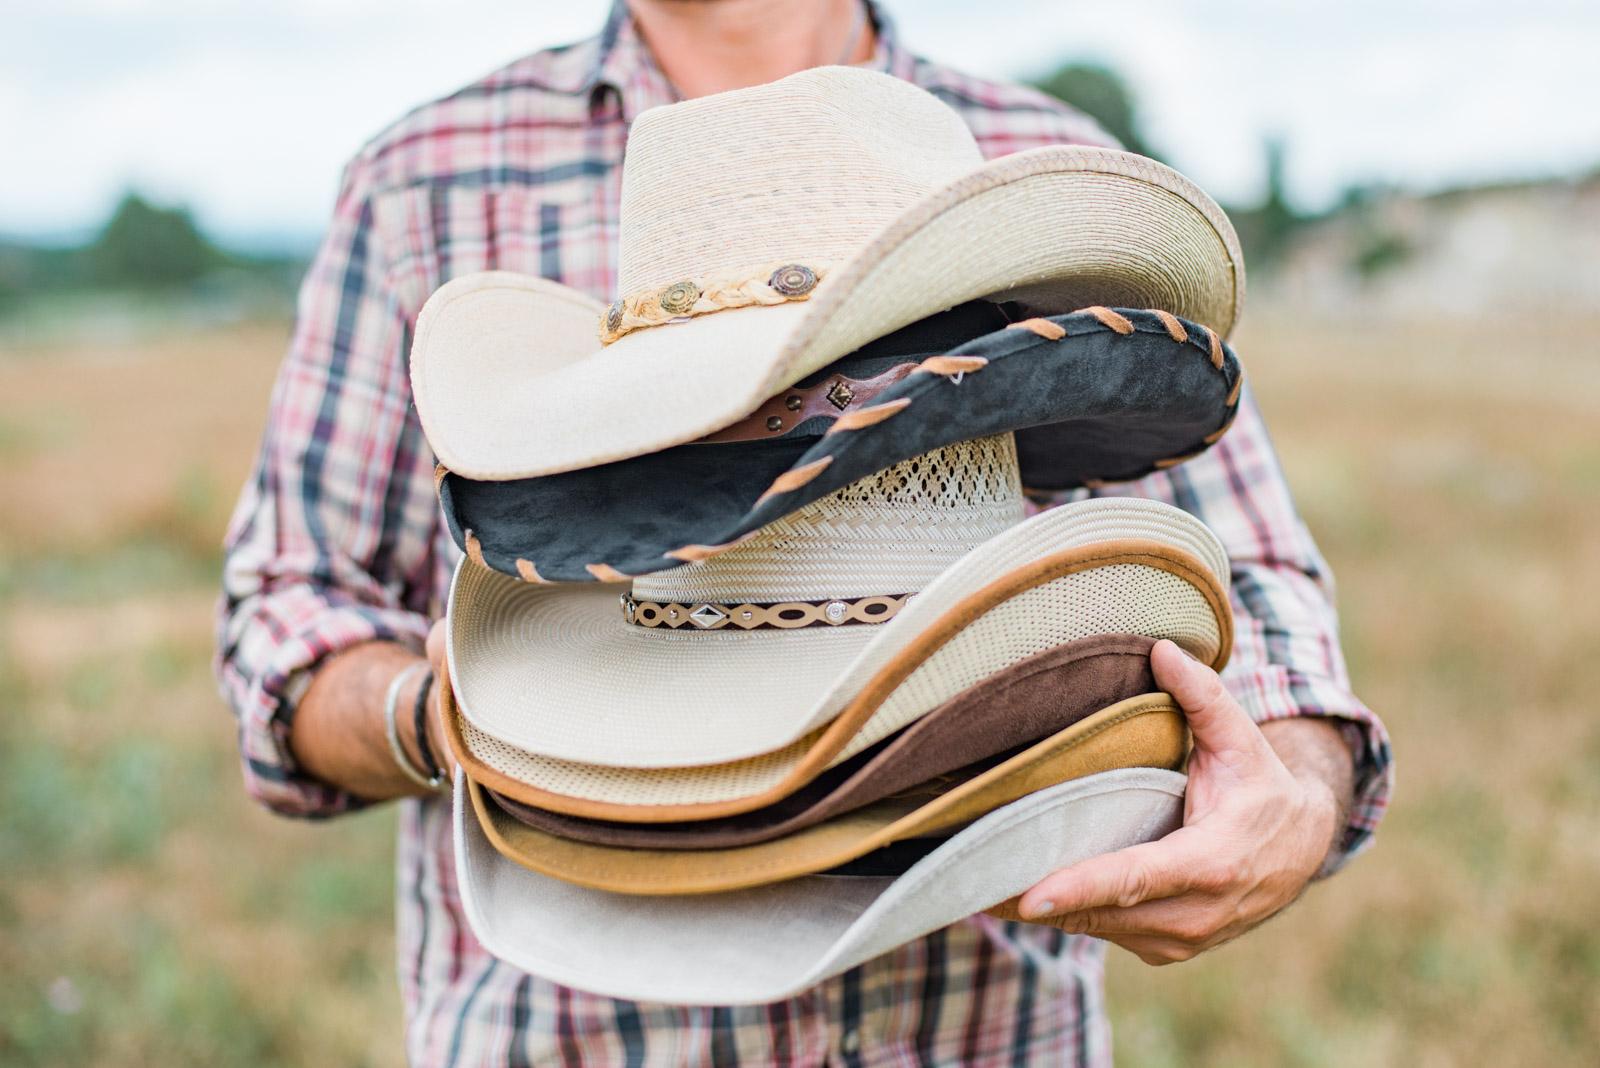 Des produits de qualité liés à l'équitation et au monde du cheval